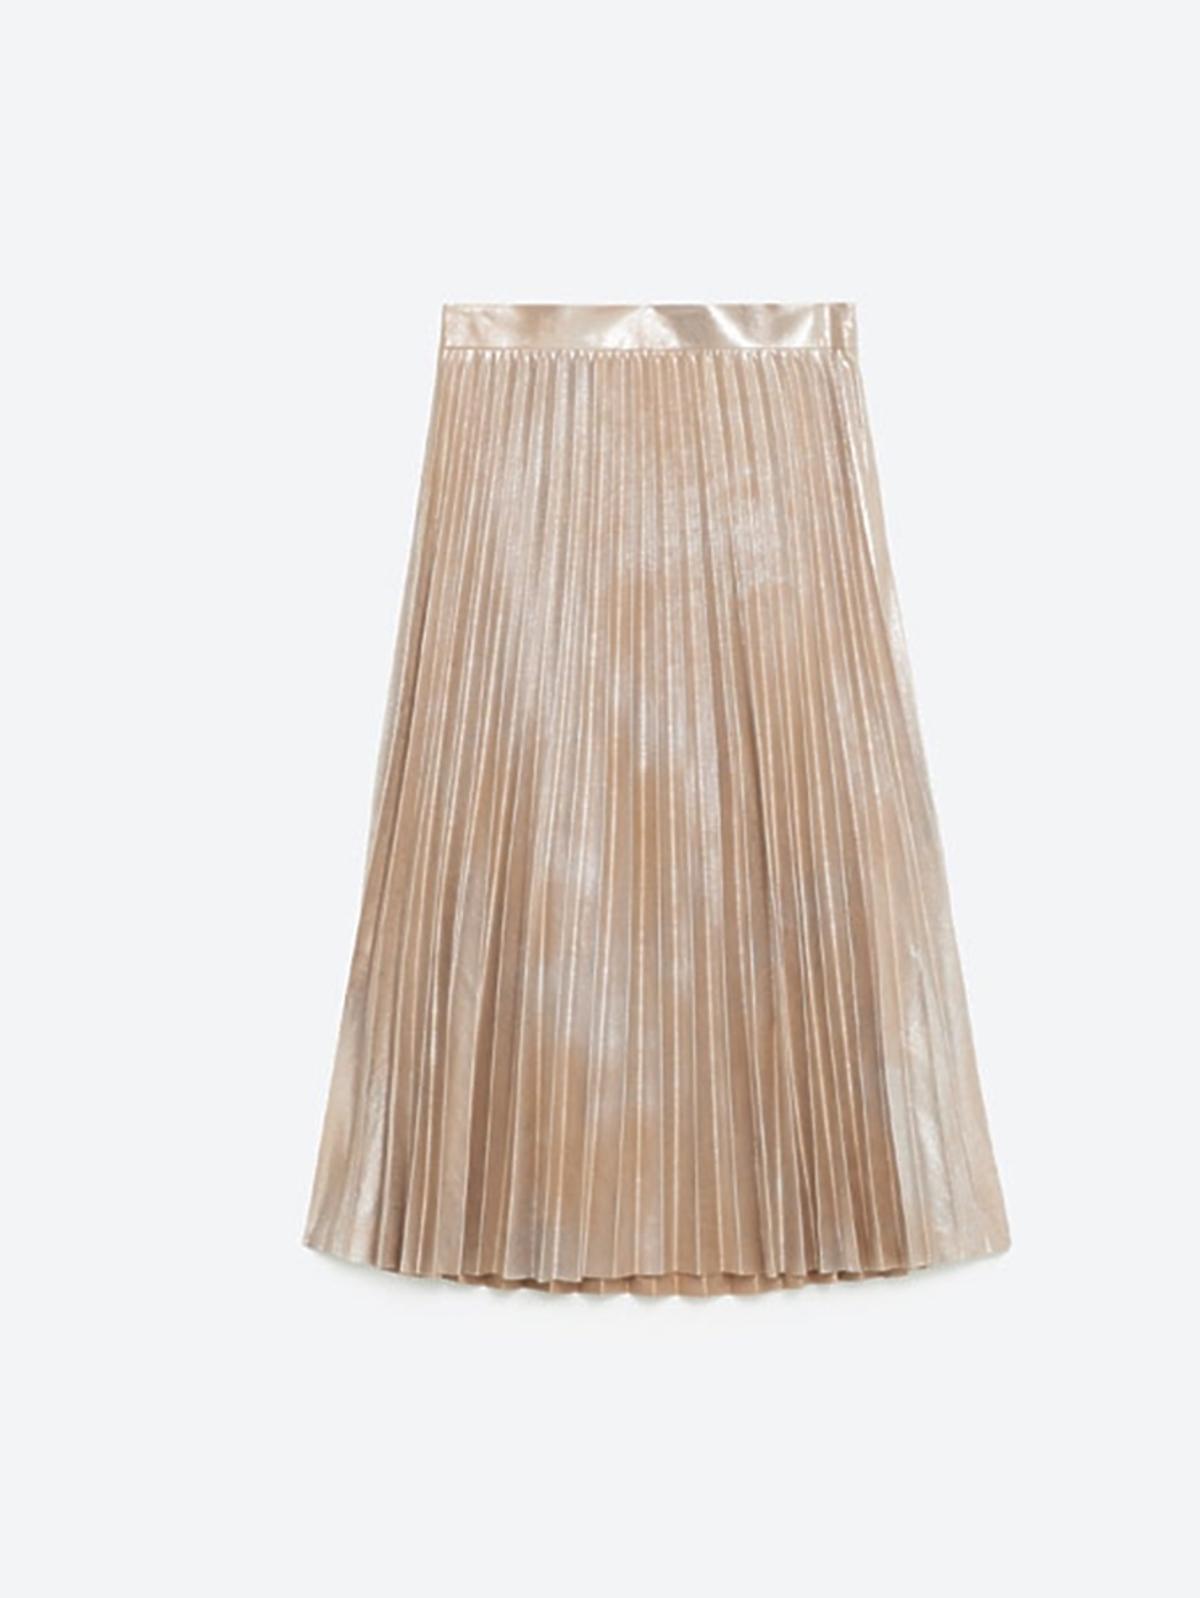 Wyprzedaż zimowa 2016: Plisowana spódnica, Zara, przeceniona z 199,00 zł na 119,00 zł